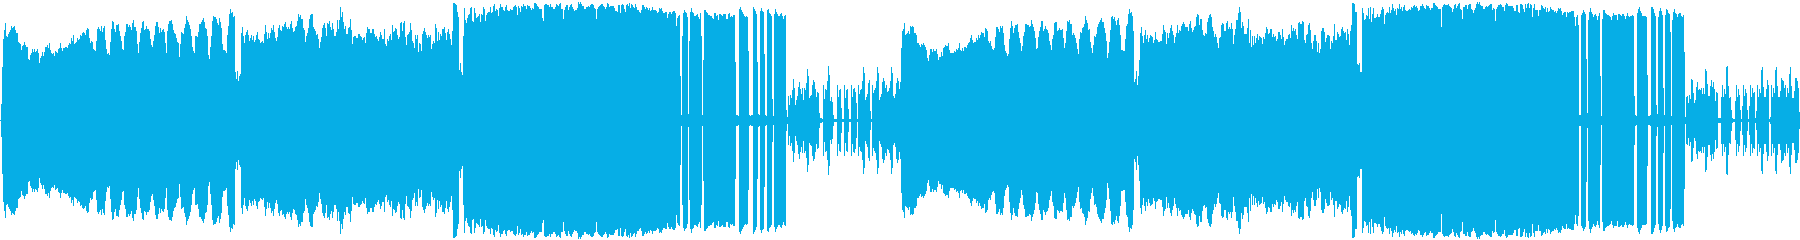 【世界遺産/ドキュメント/BGM】の再生済みの波形